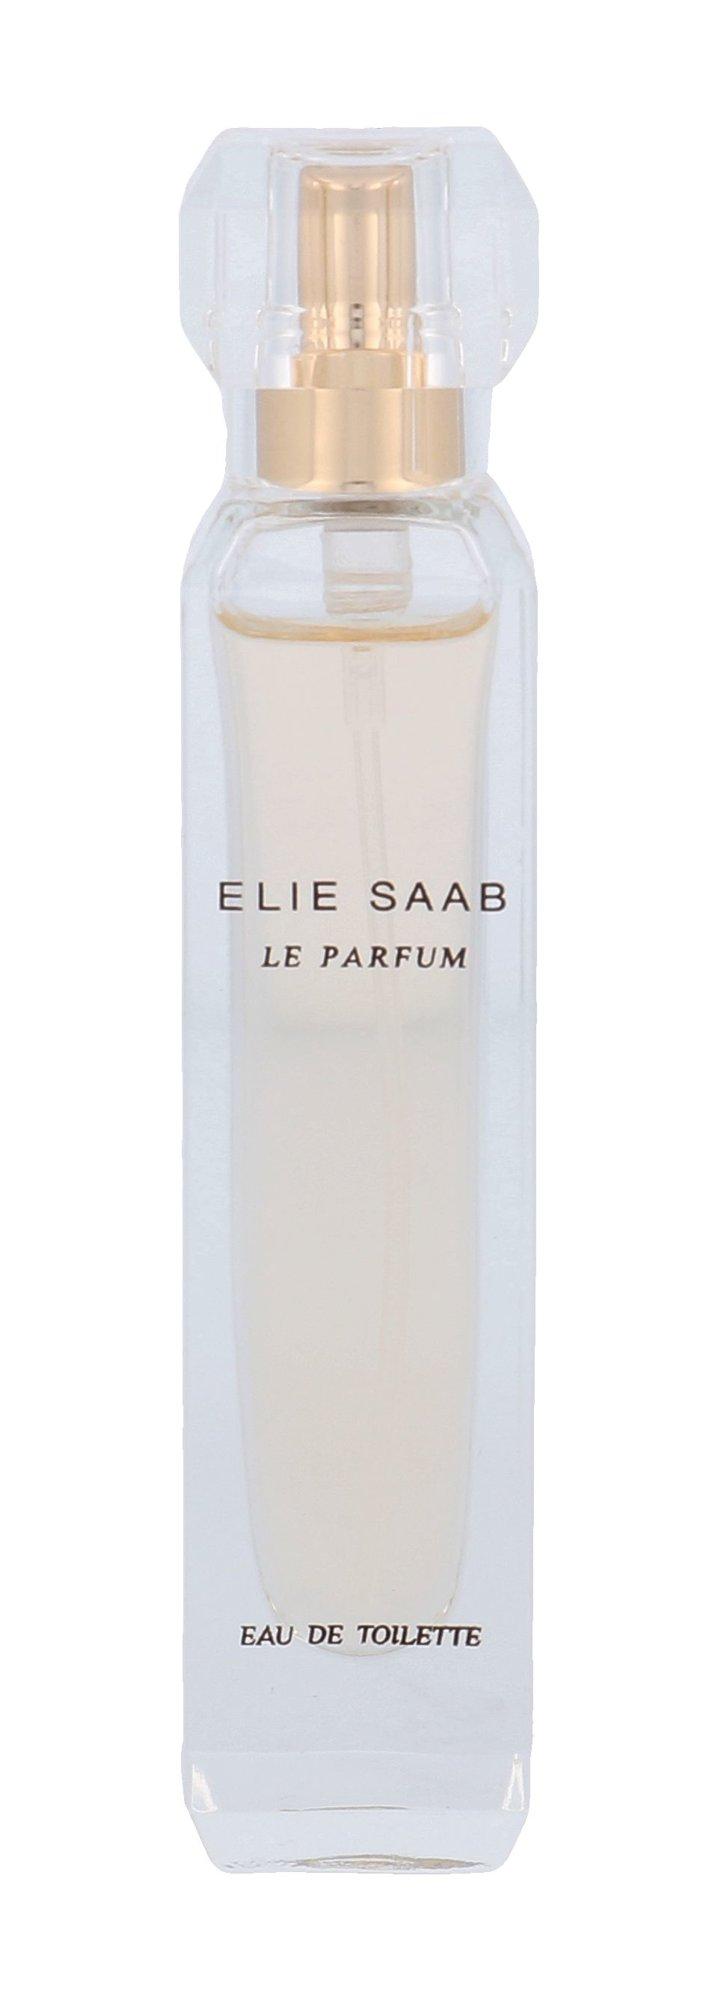 Elie Saab Le Parfum EDT 10ml